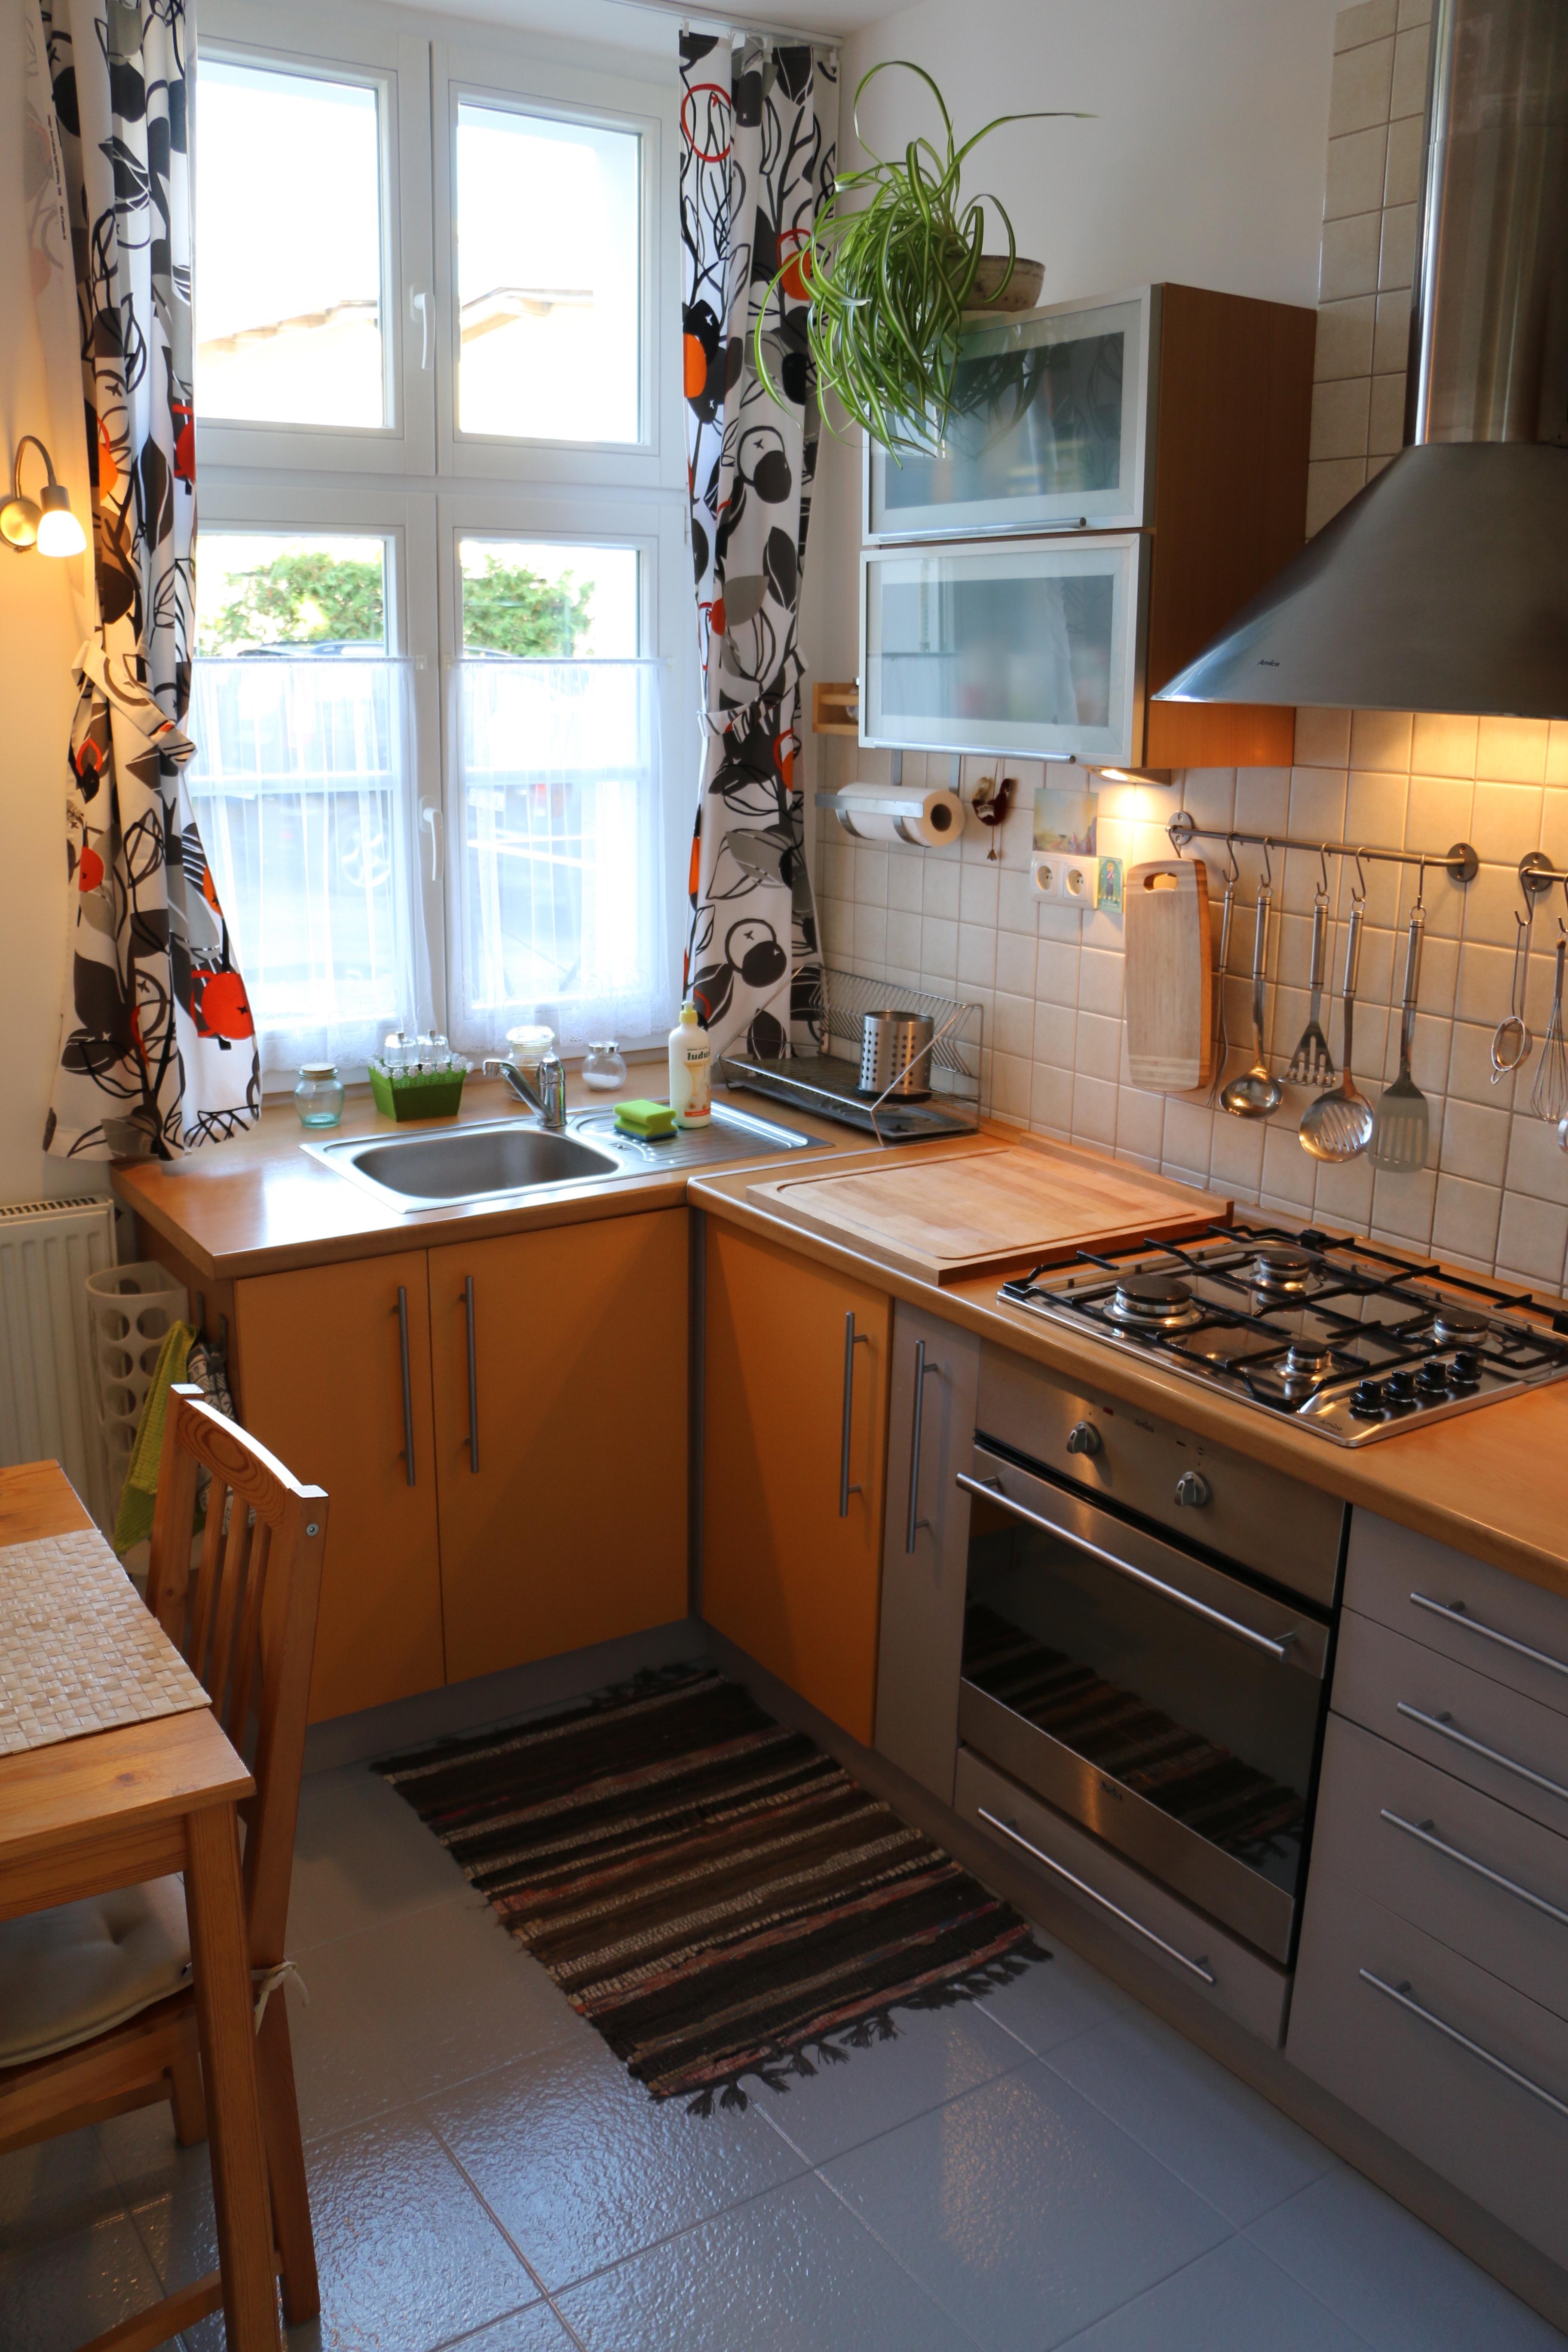 Gdansk Wrzeszcz Apartament Z Weranda I Ogrodkiem Flats For Rent In Gdansk Pomorskie Poland